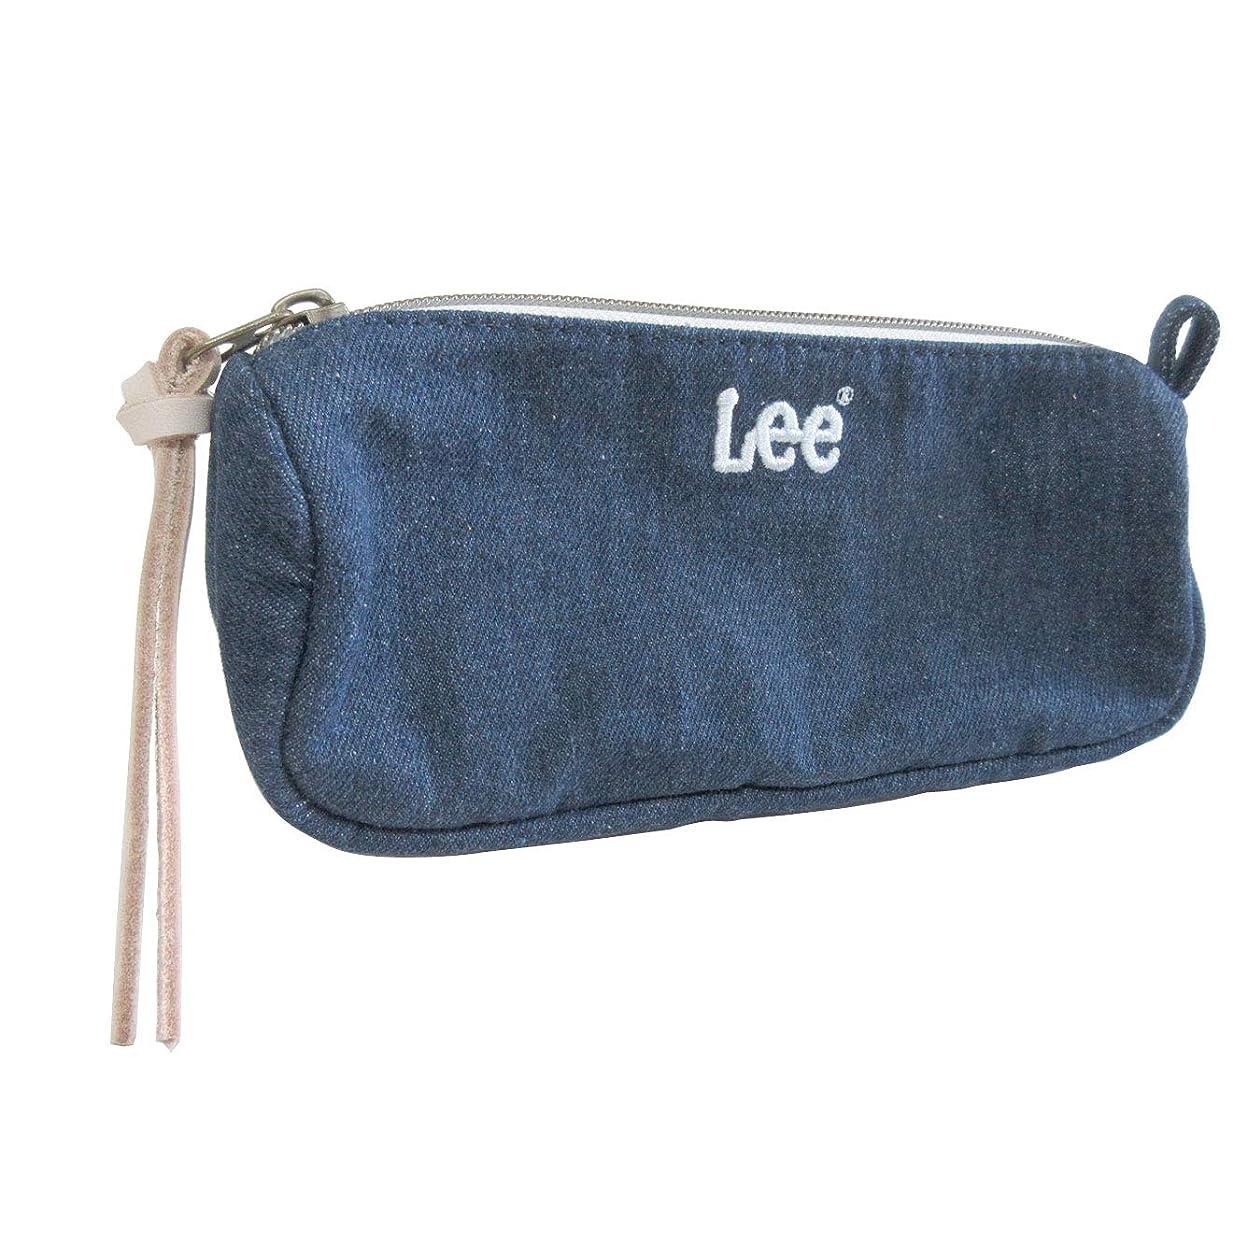 落ち着いて行商基本的な[リー] Lee ペンポーチ ファスナー開閉 刺繍ロゴ パッチポケット コットン